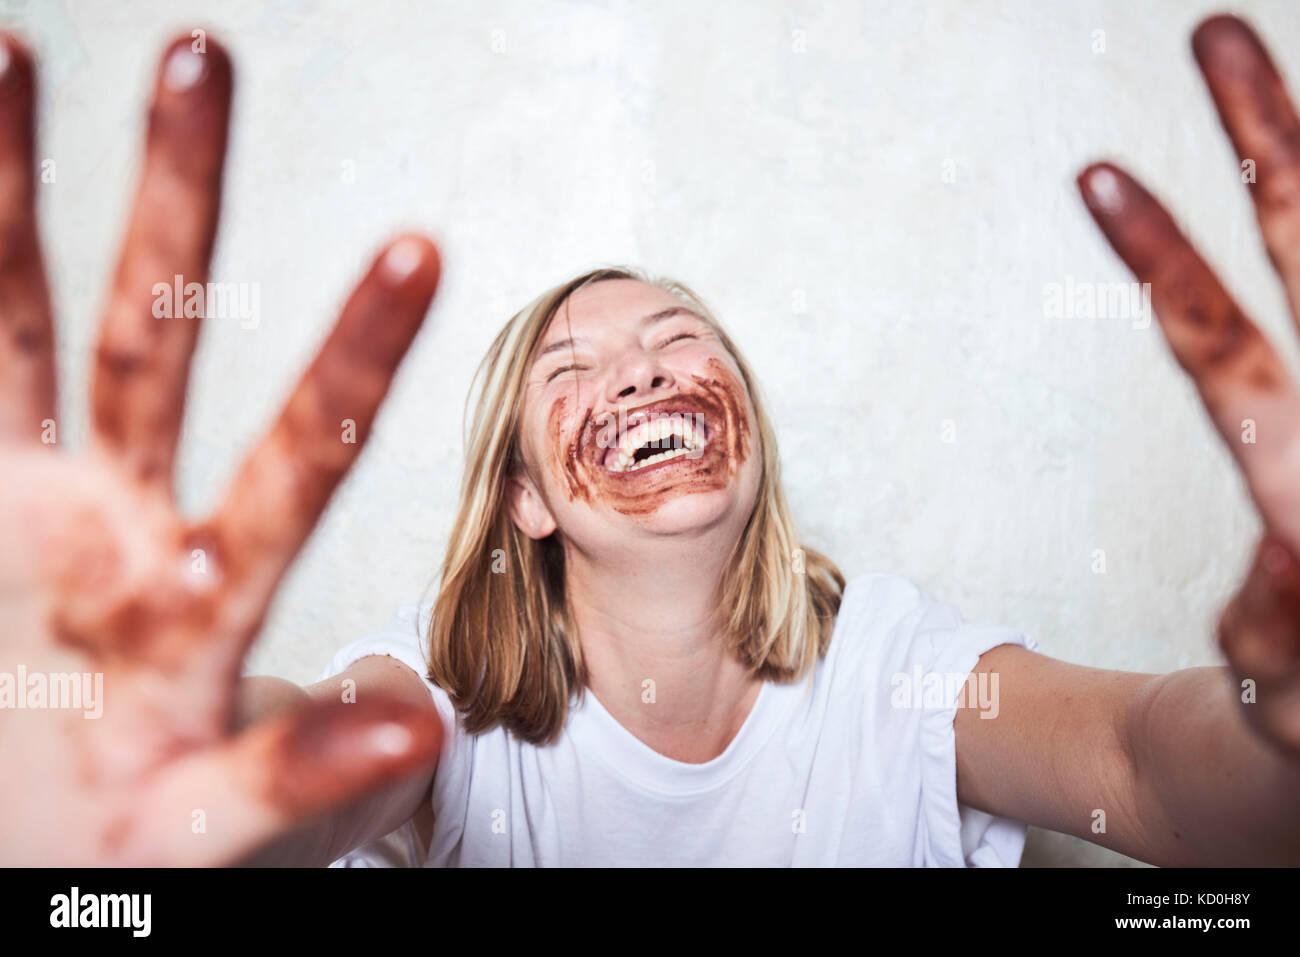 Portrait von Frau mit Schokolade an den Händen und um den Mund, Hände halten in Richtung Kamera, Lachen Stockbild